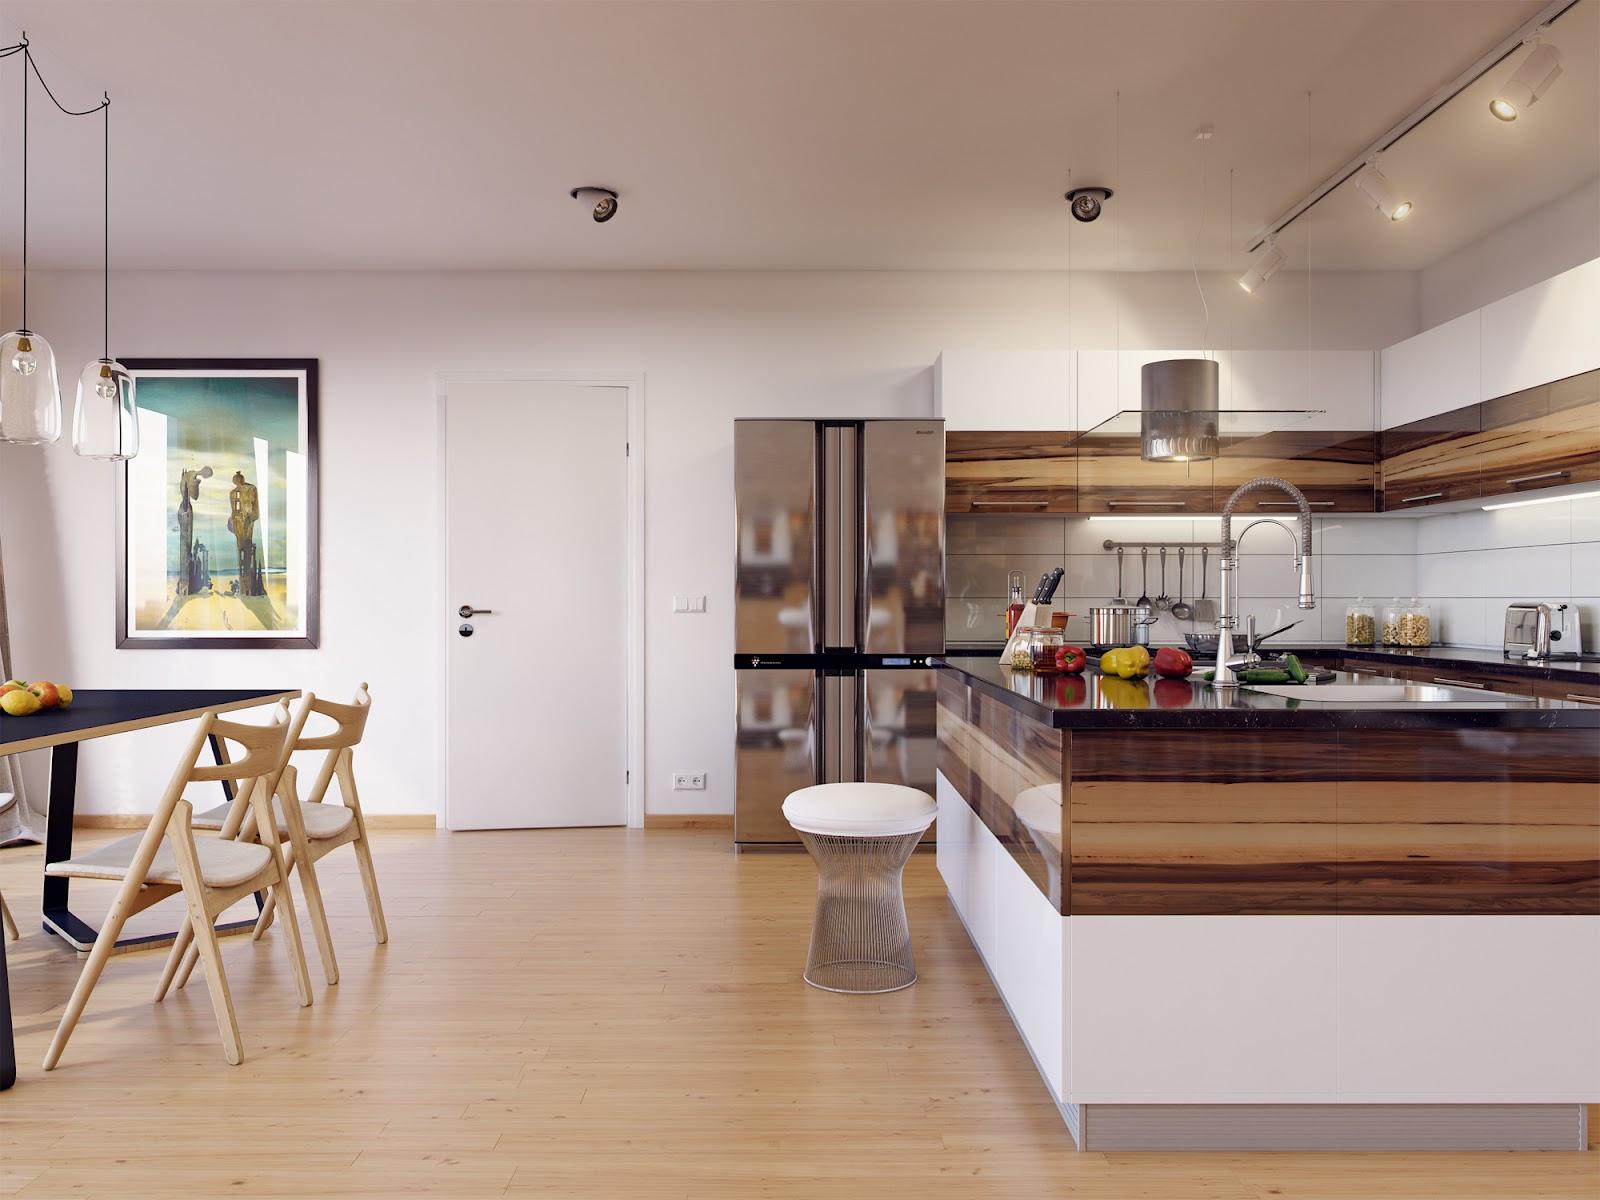 kitchen diner designs | luxury design ideas